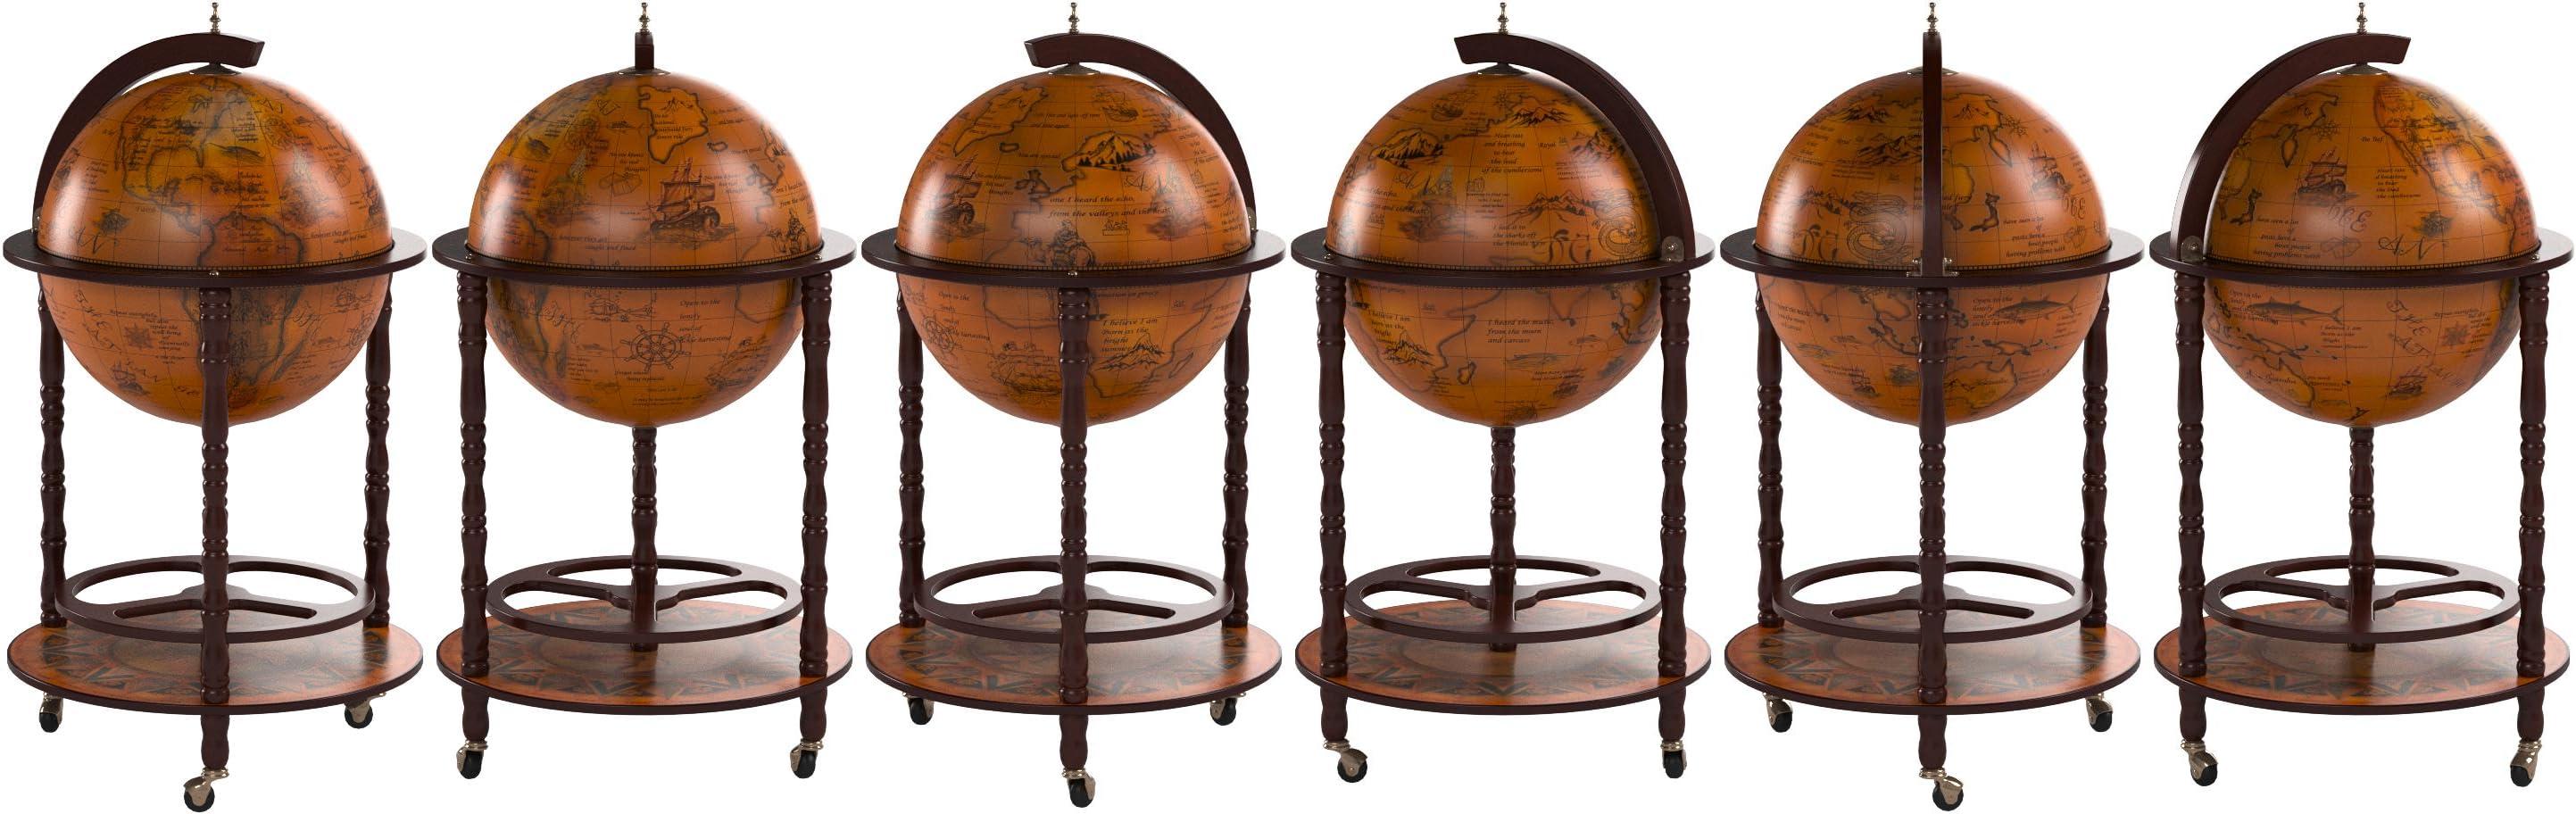 Globe de bar de bureau rotatif avec casier /à vin int/égr/é sur laxe nord-sud de la terre,B